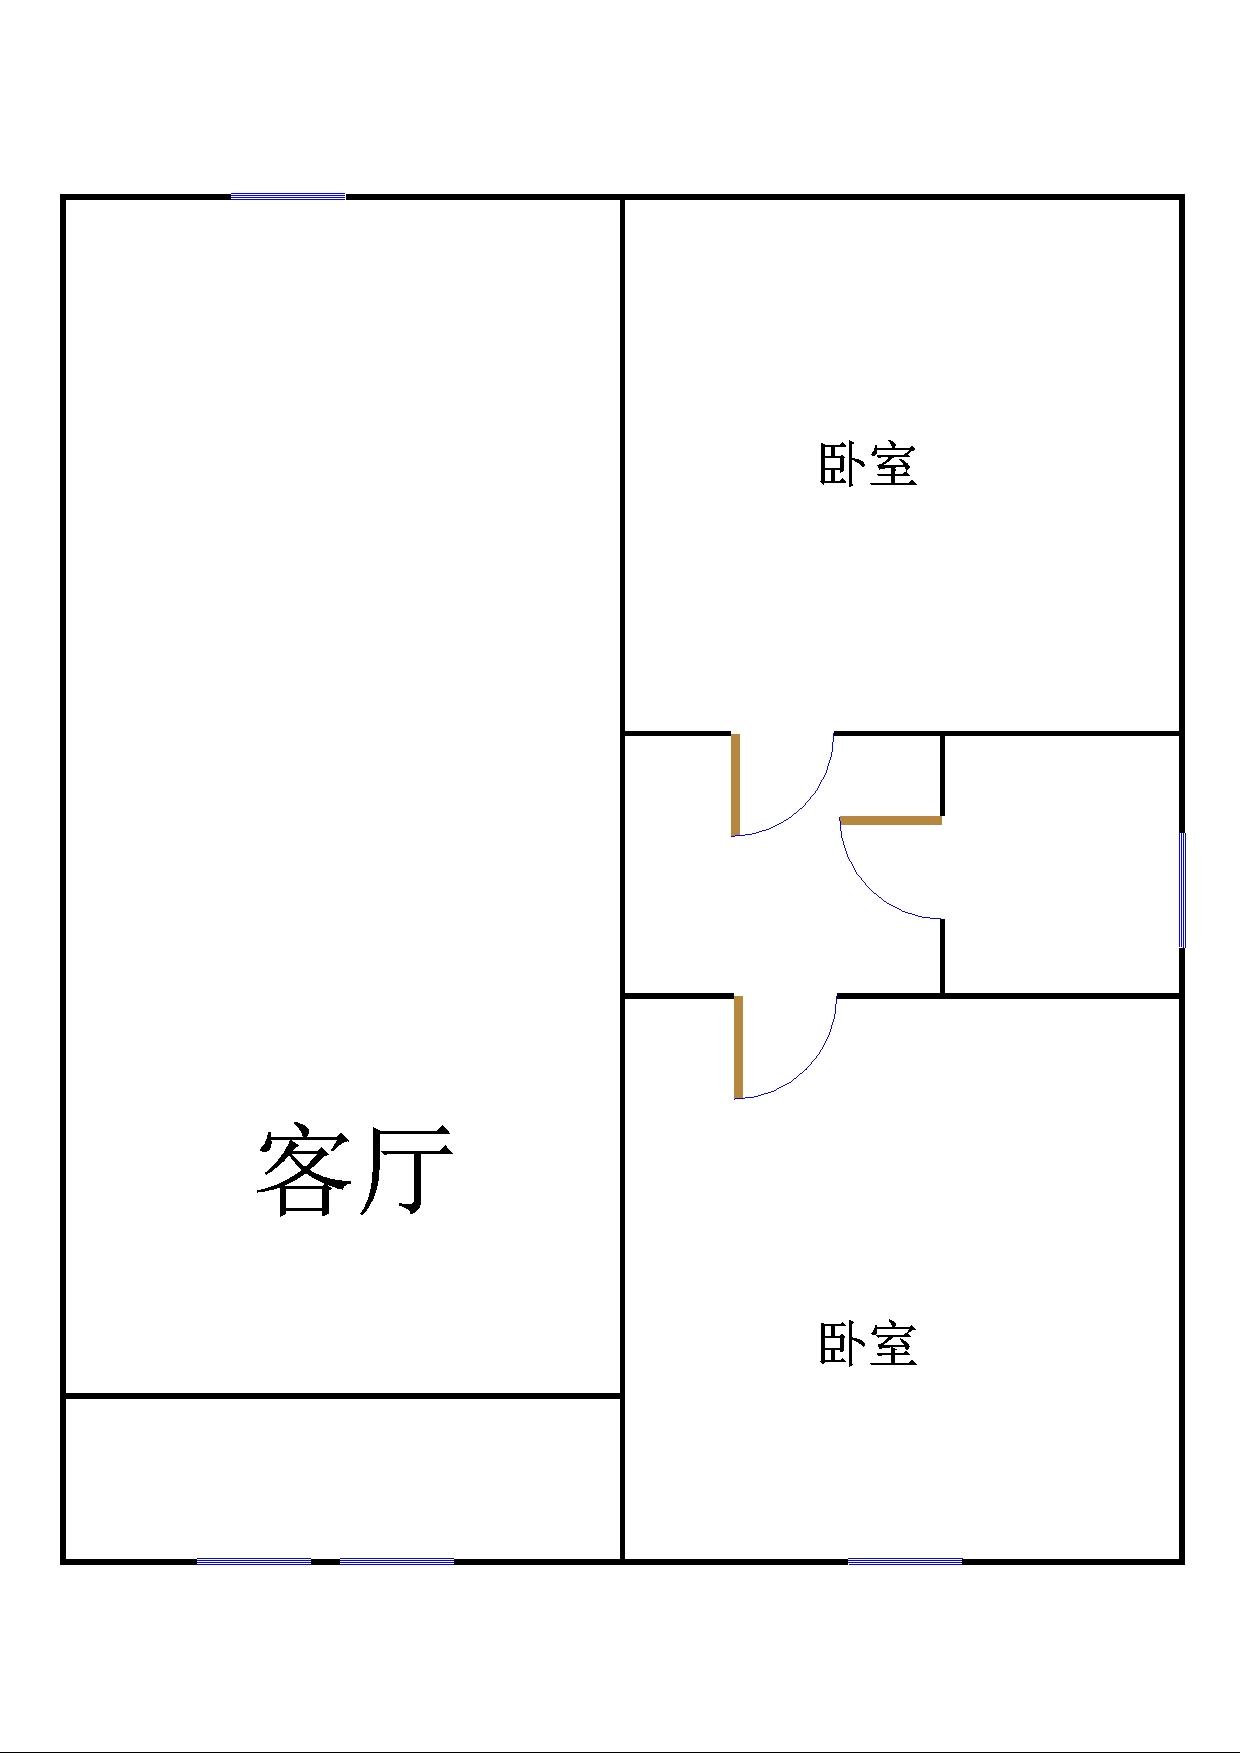 刘集社区 2室2厅 5楼